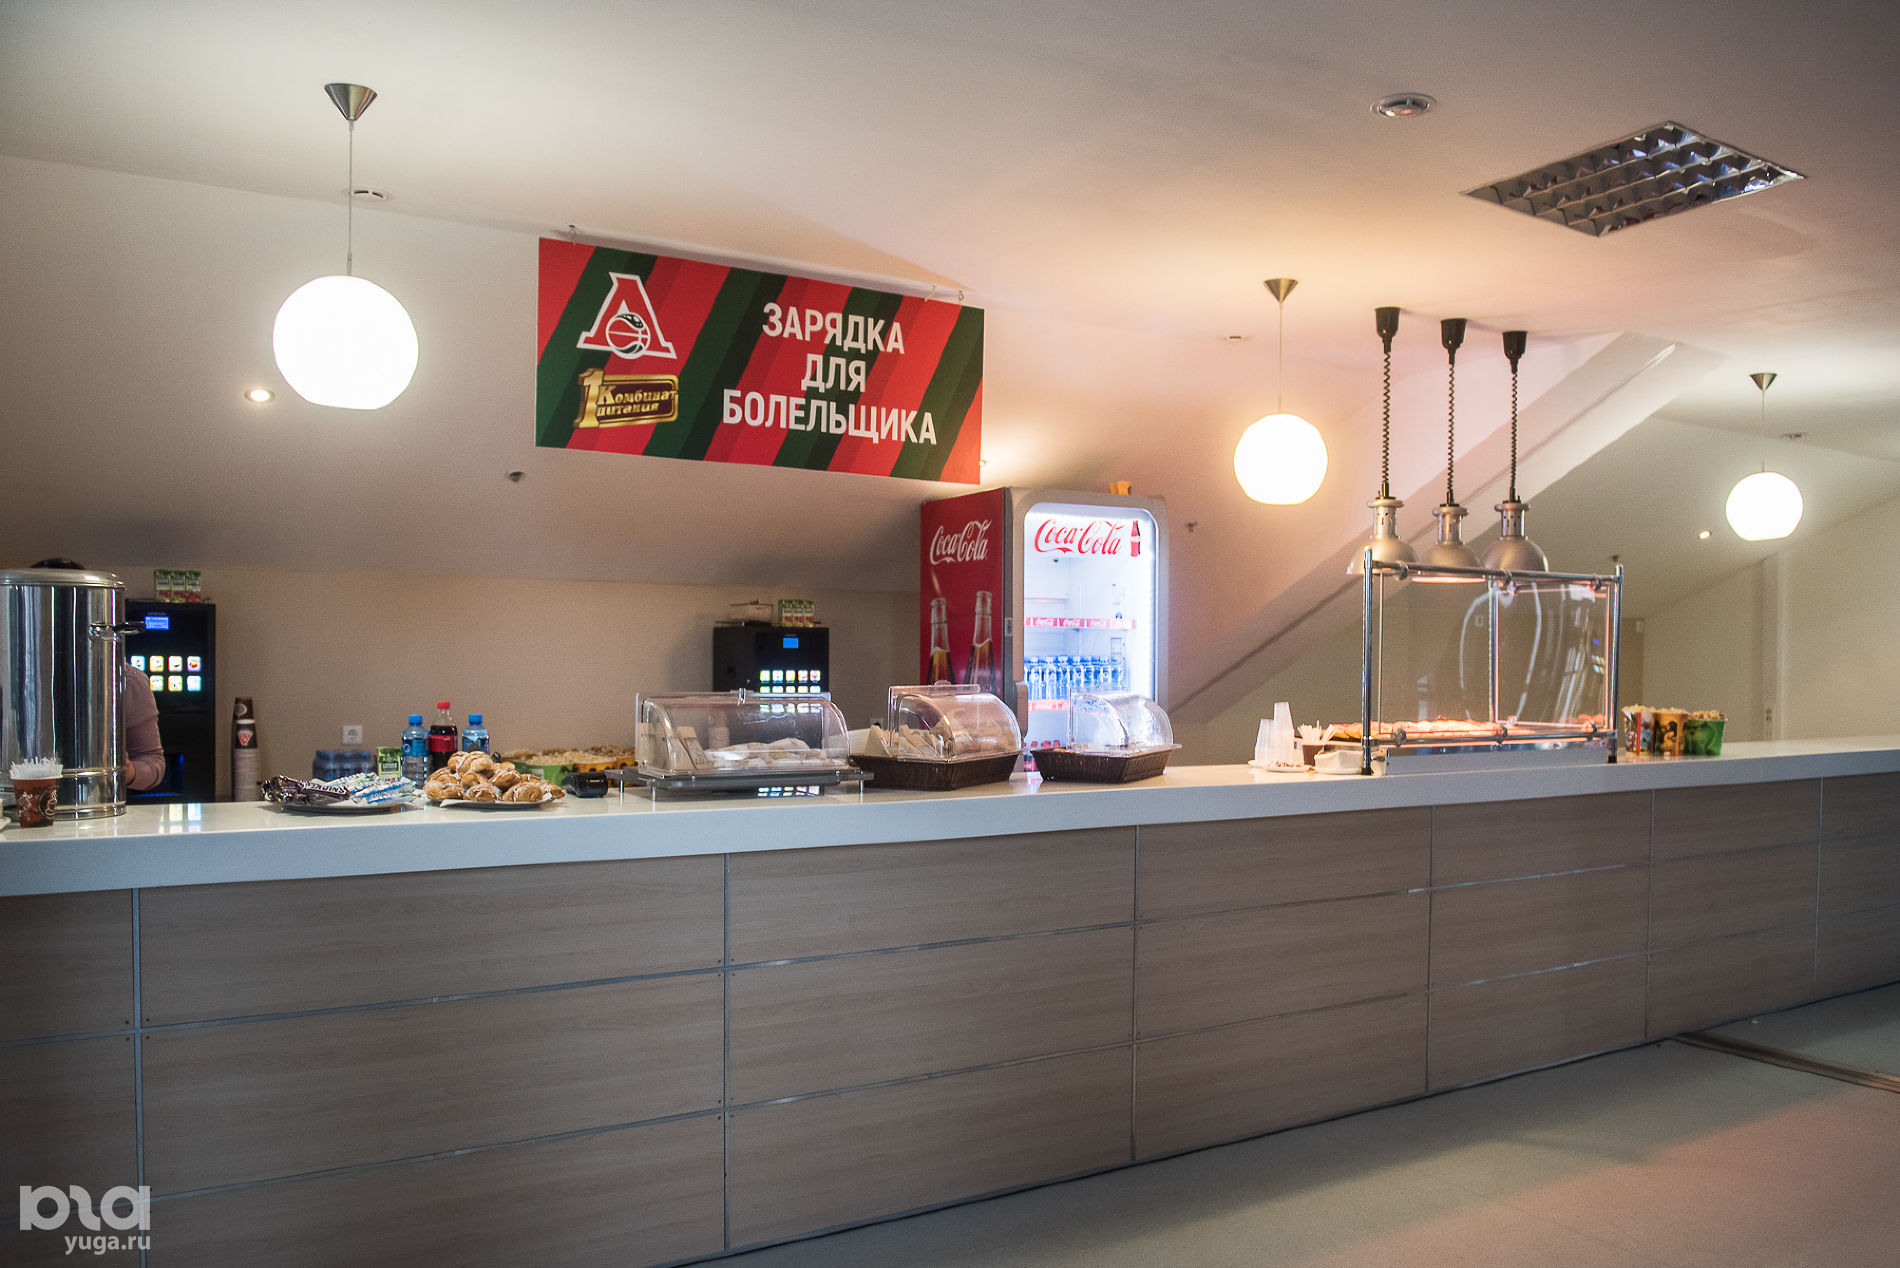 Кафе для болельщиков ©Фото Елены Синеок, Юга.ру